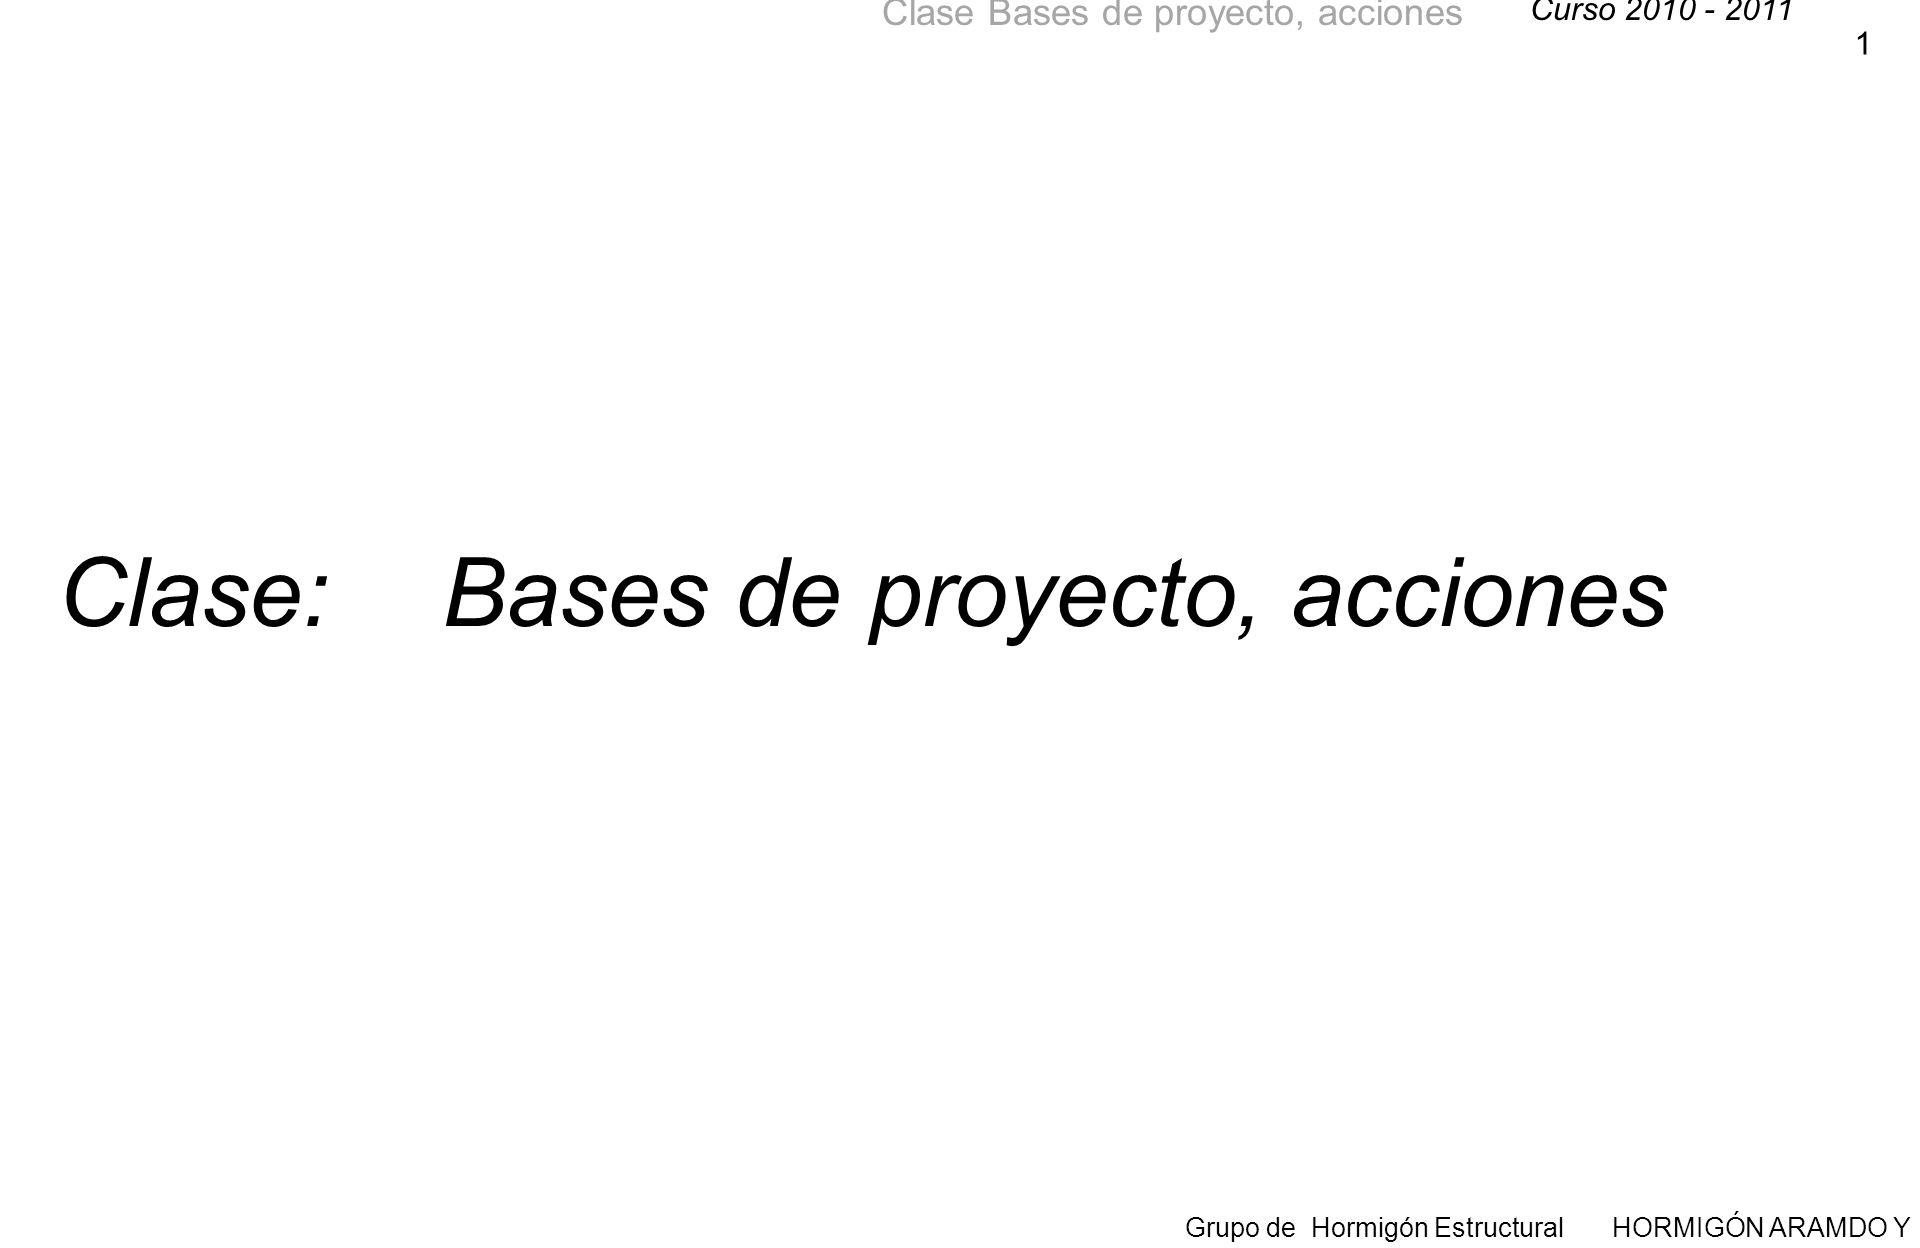 Curso 2010 - 2011 Grupo de Hormigón Estructural HORMIGÓN ARAMDO Y PRETENSADO II Clase Bases de proyecto, acciones 1 Clase: Bases de proyecto, acciones